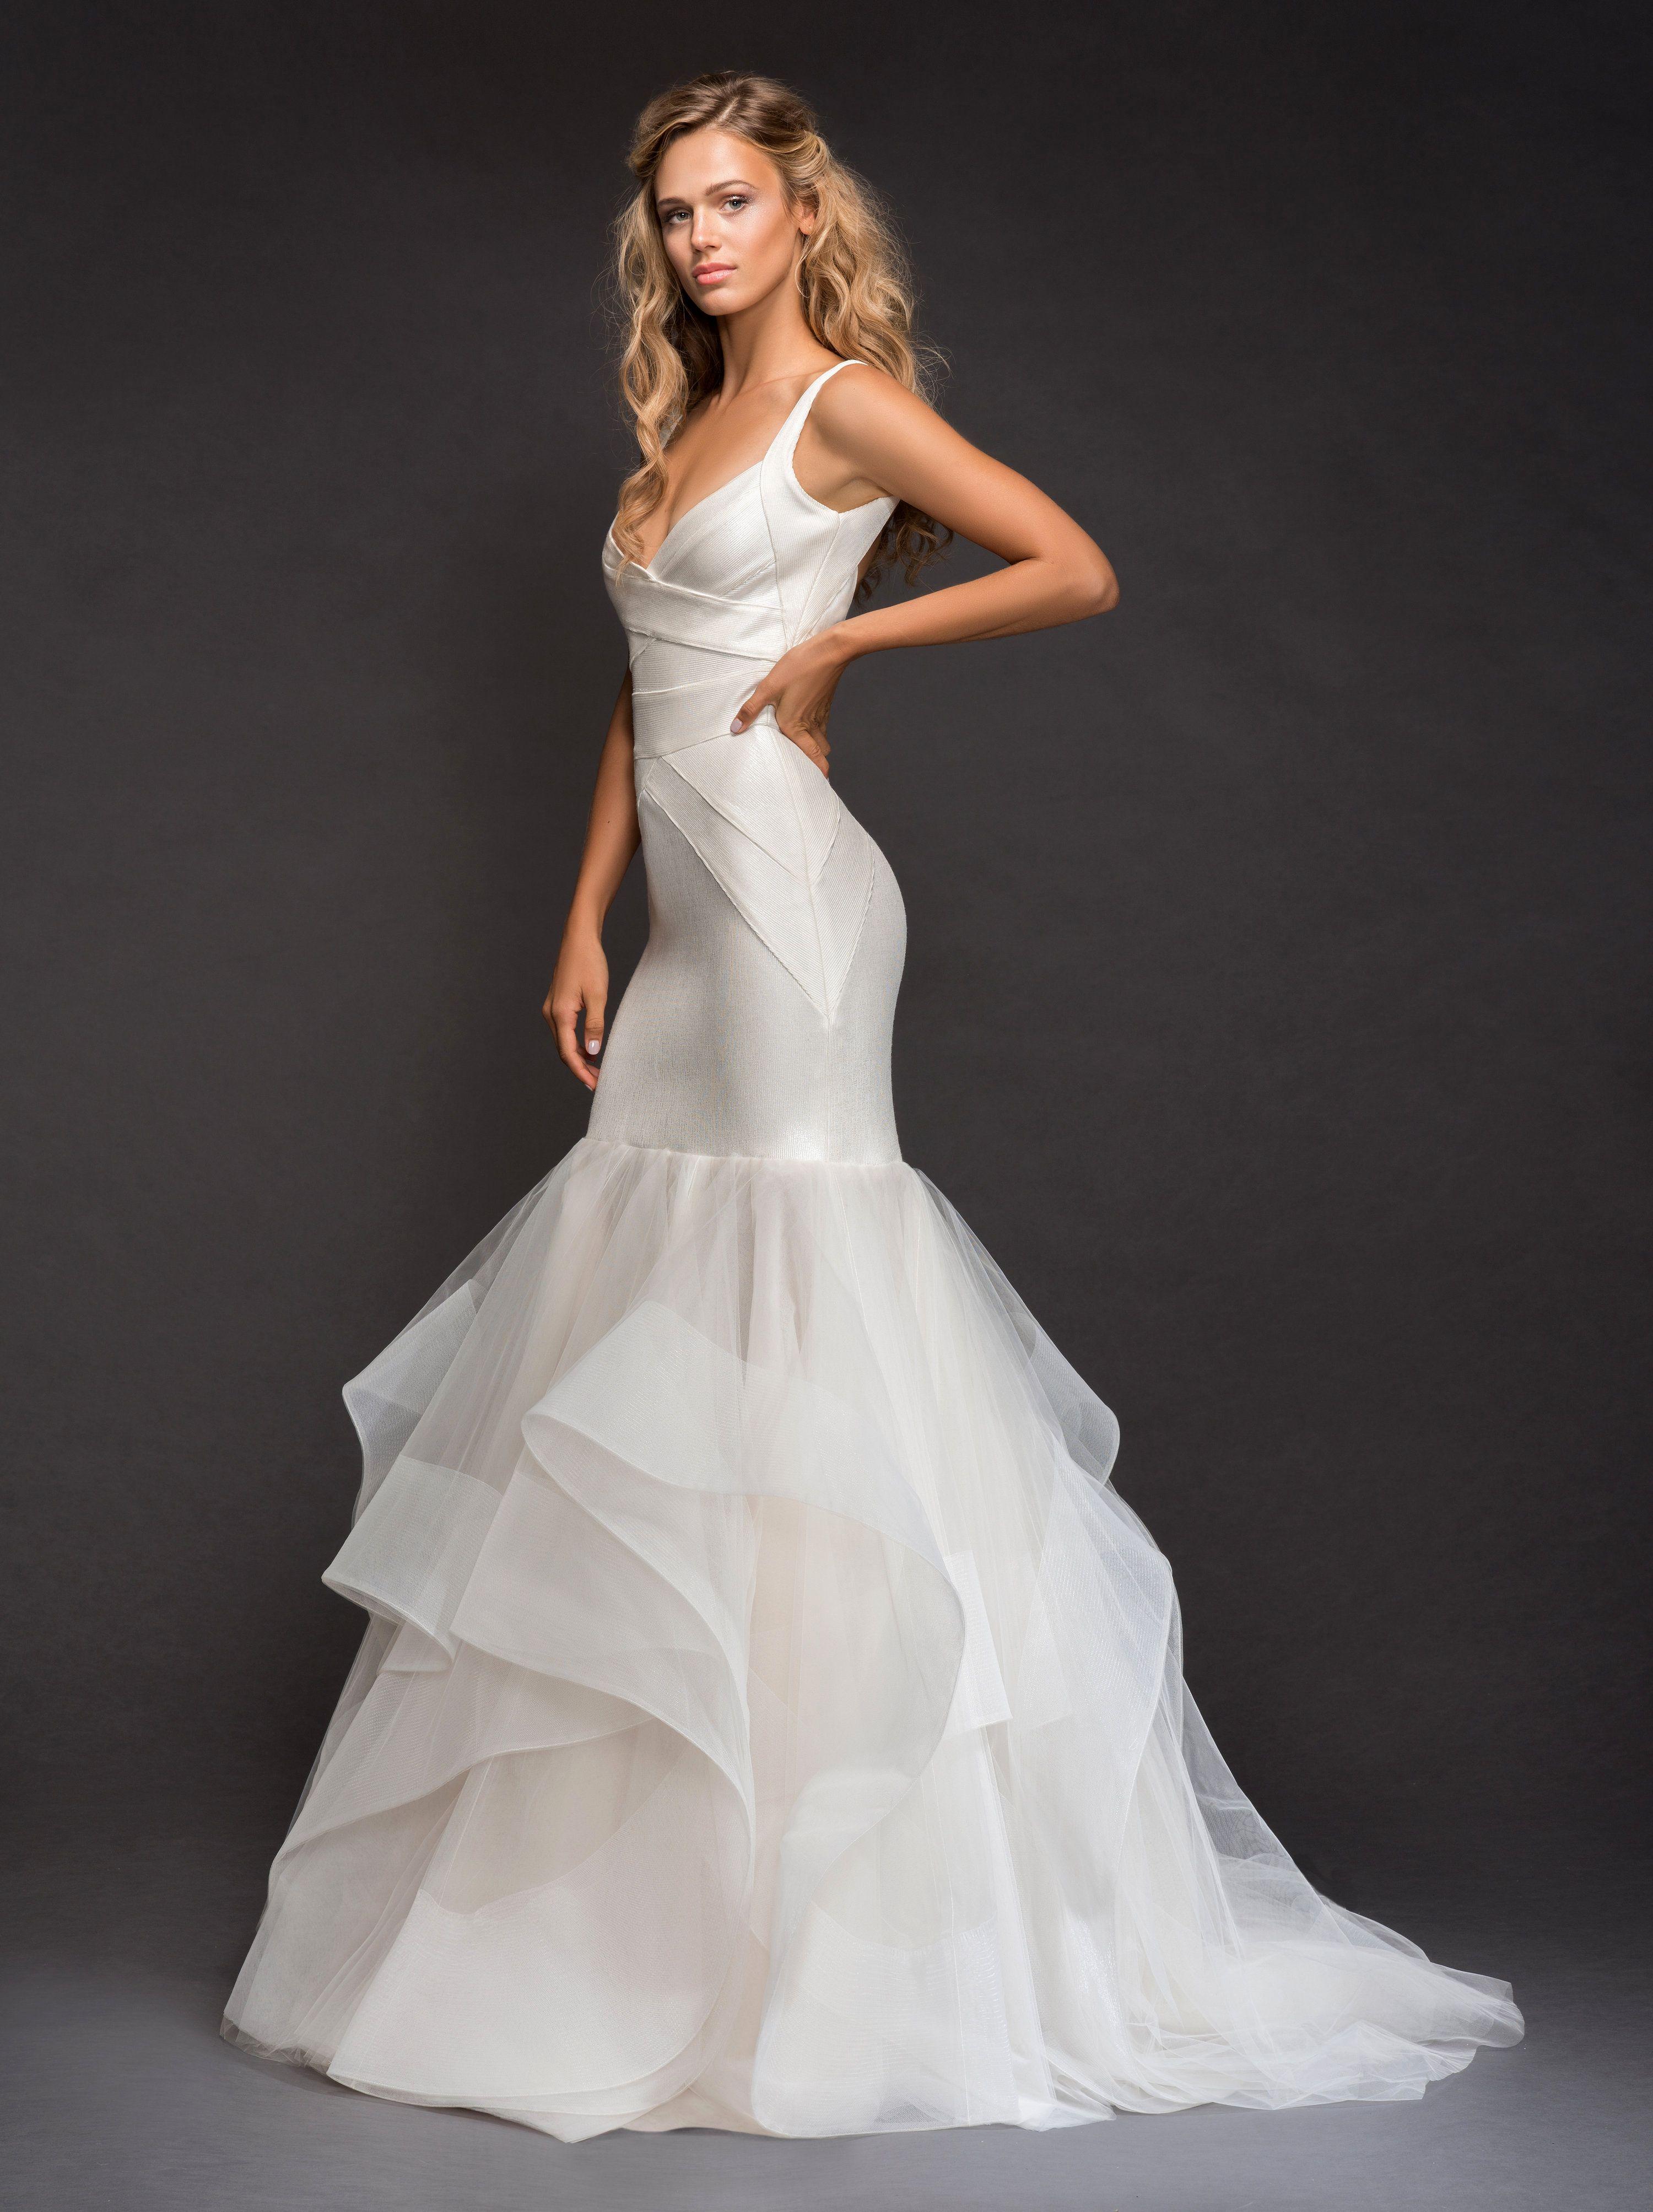 25 Randy Fenoli Blue Wedding Dress Wedding dresses